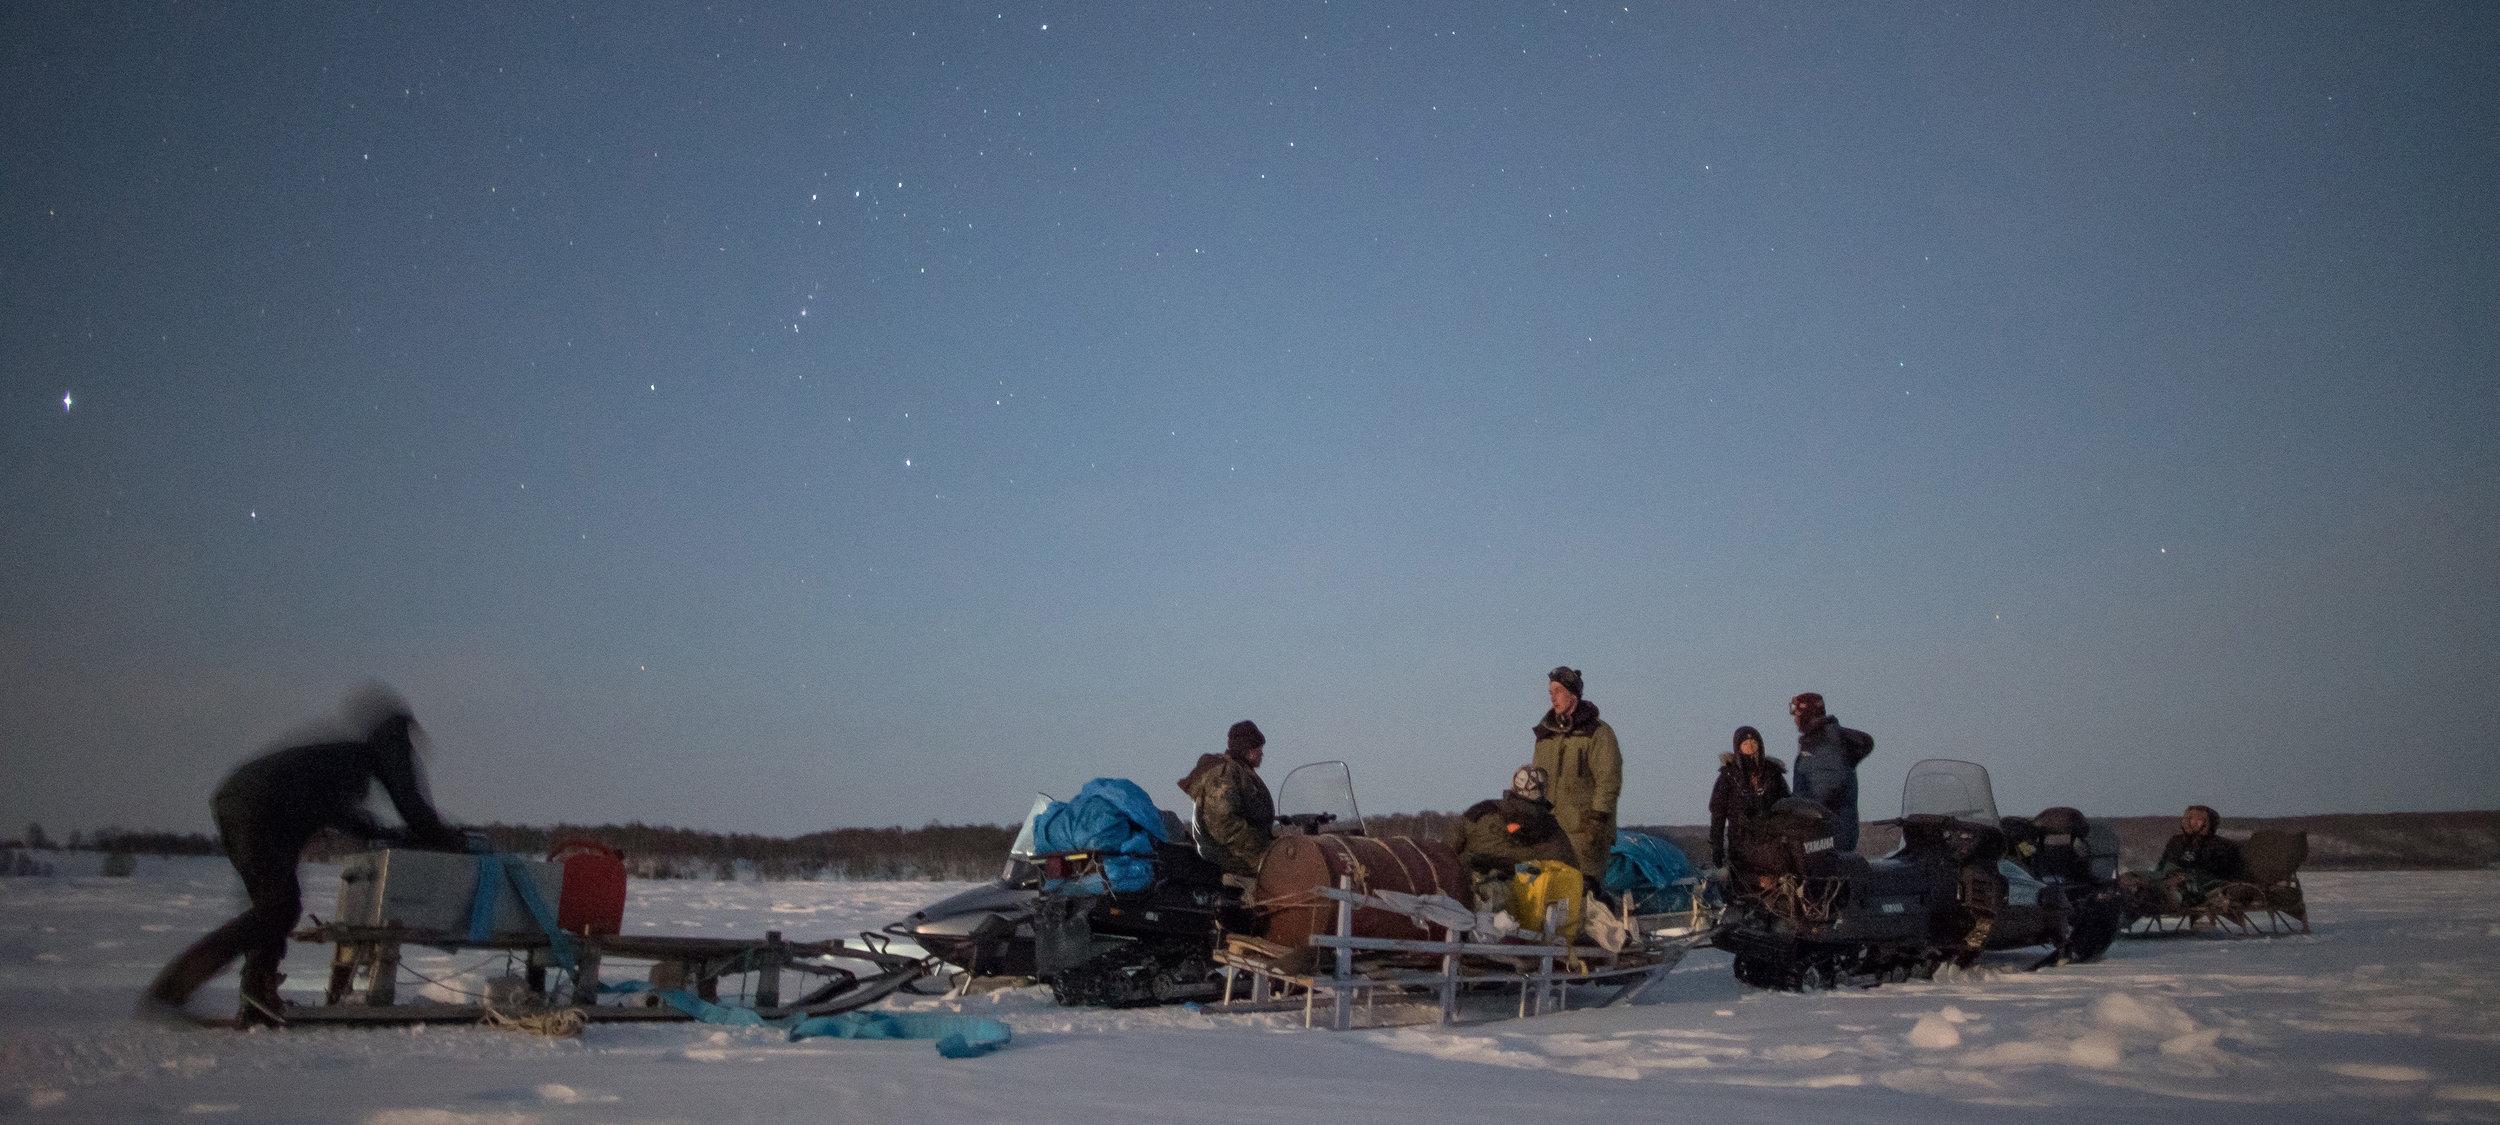 kamchatka-expedition-inertia-network.jpg